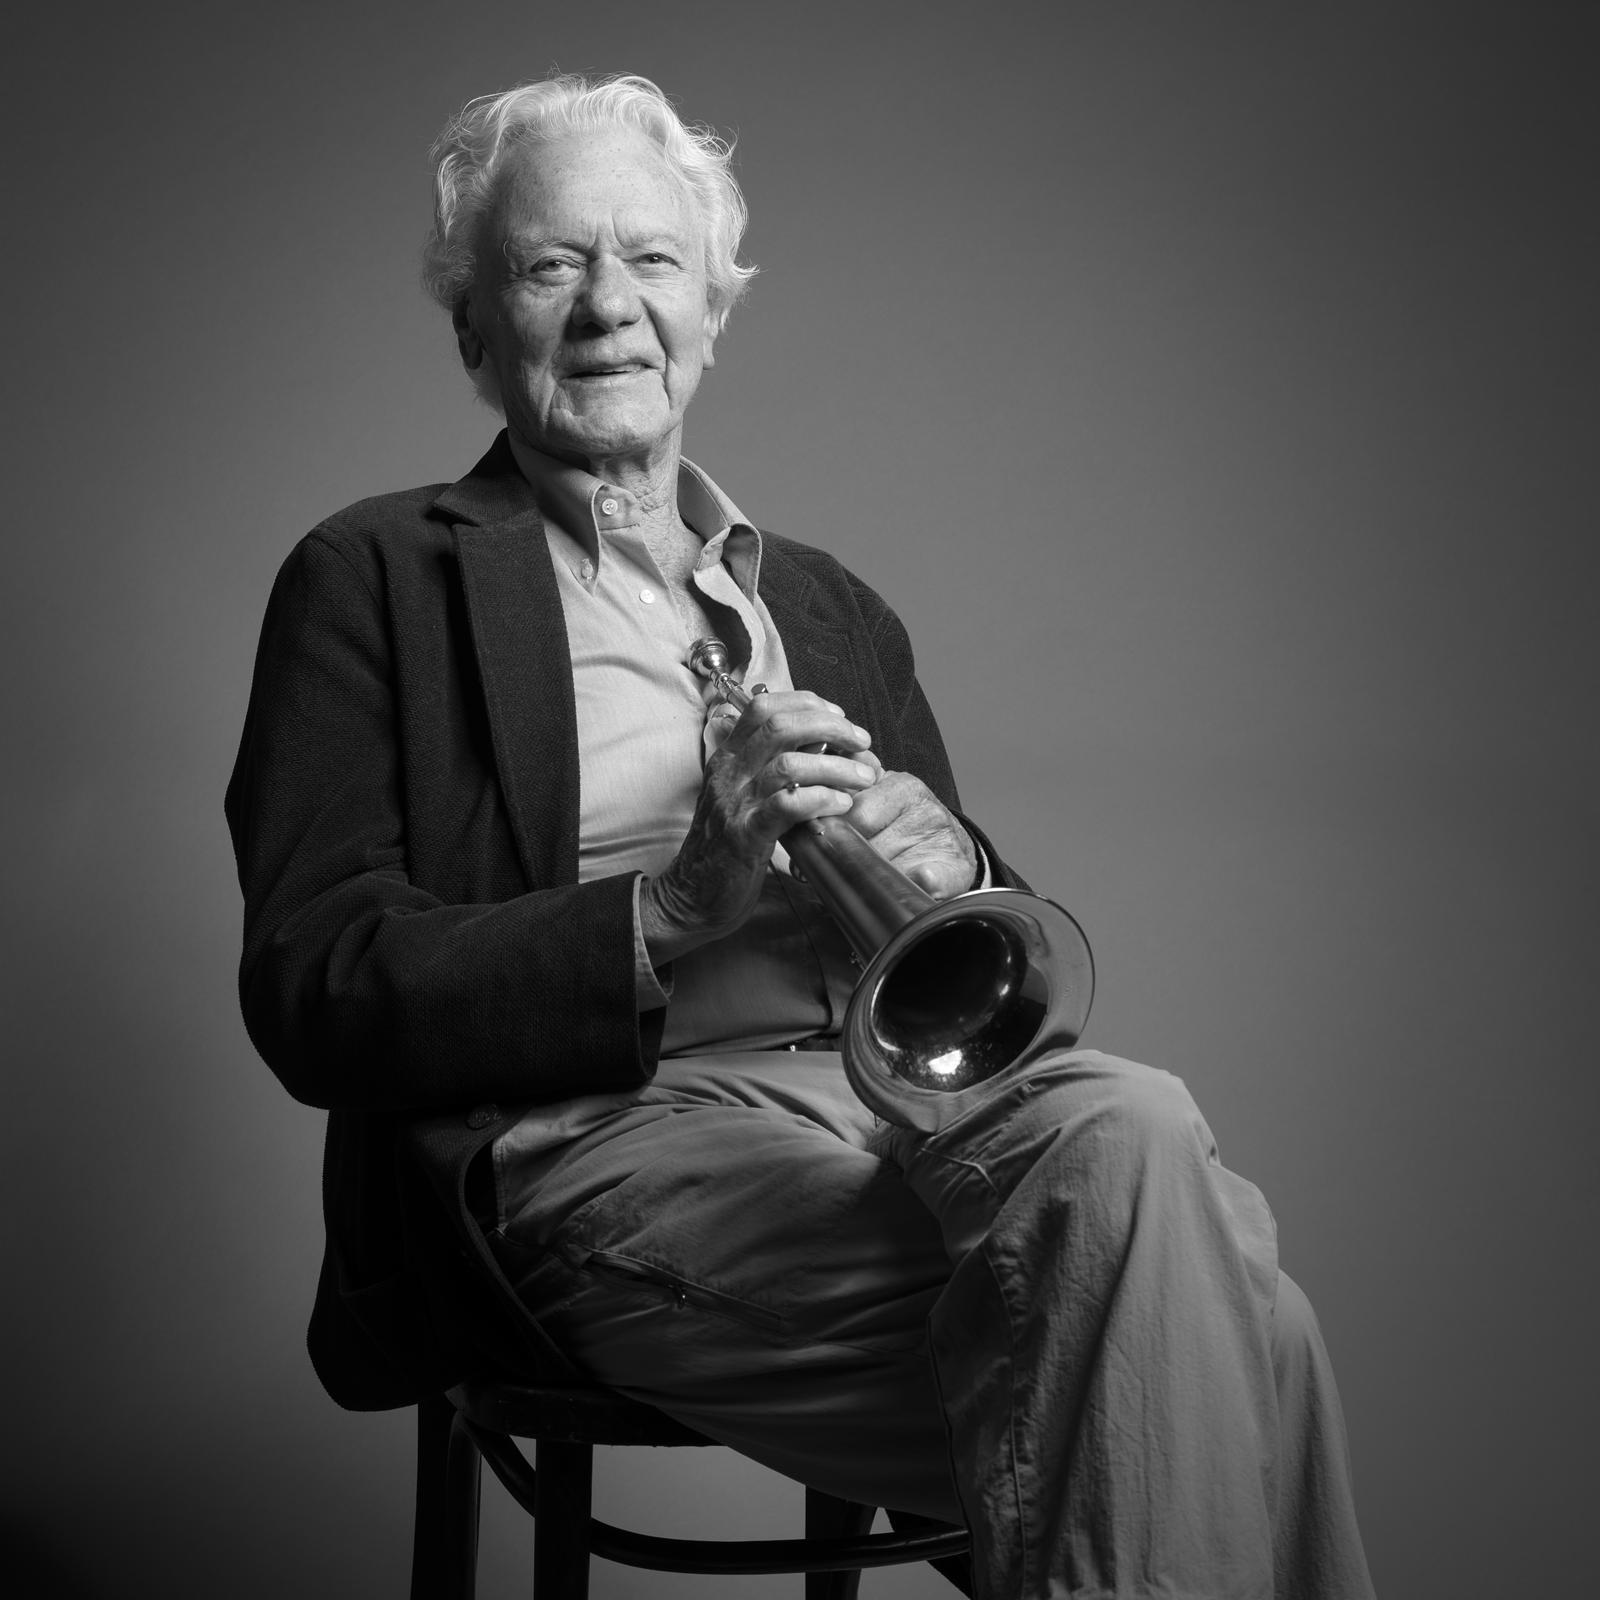 Foto van een man op stoel met trompet